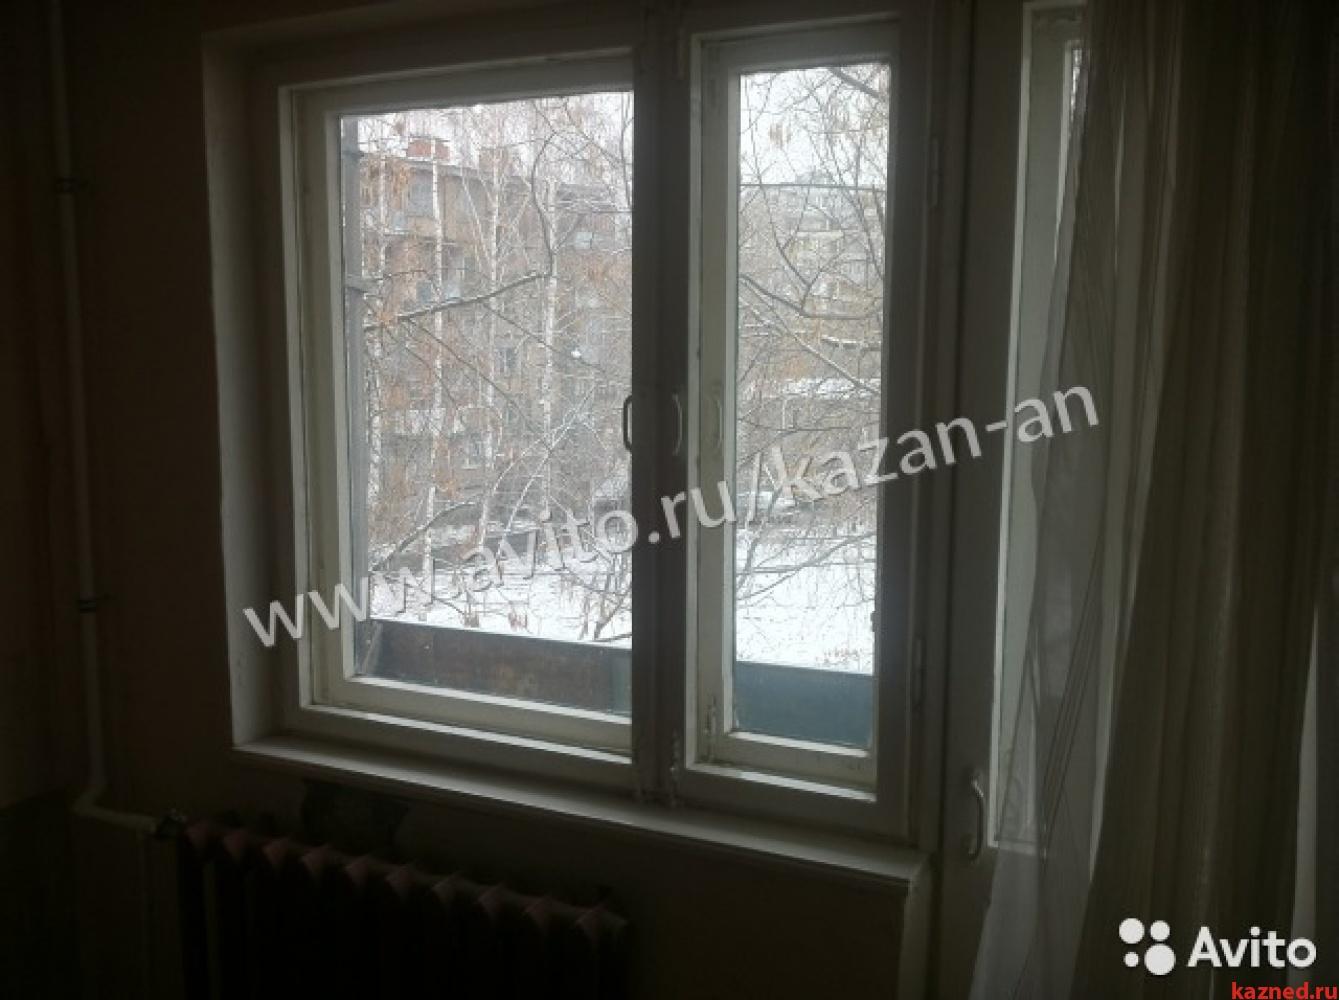 Продажа 1-к квартиры Батыршина 40/2, 30 м²  (миниатюра №3)